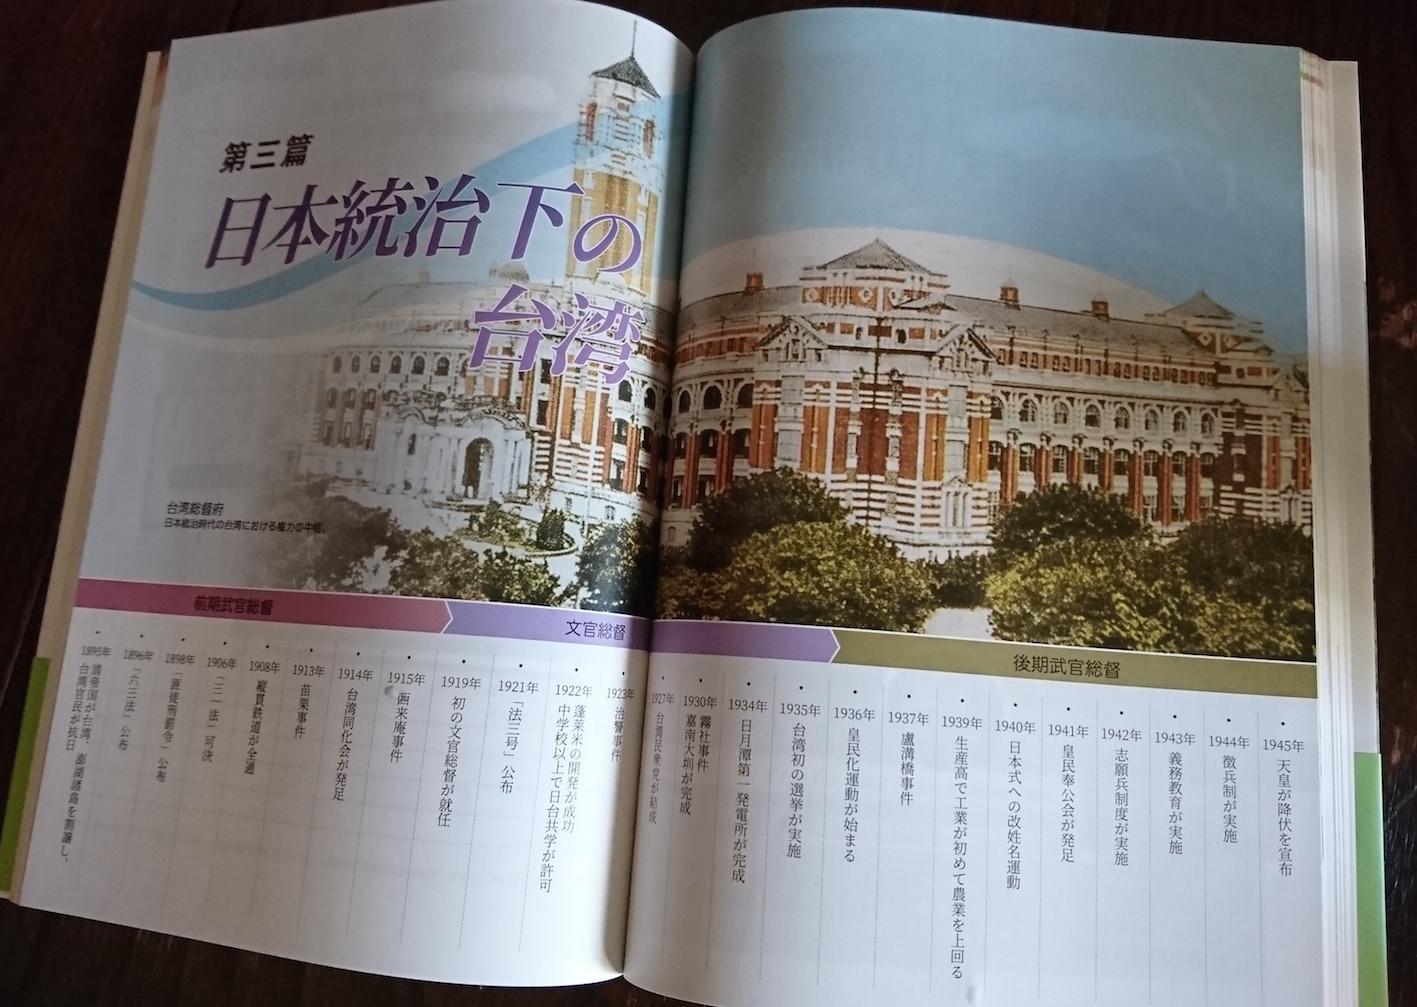 台湾の歴史(雄山閣)第三篇 日本統治下の台湾